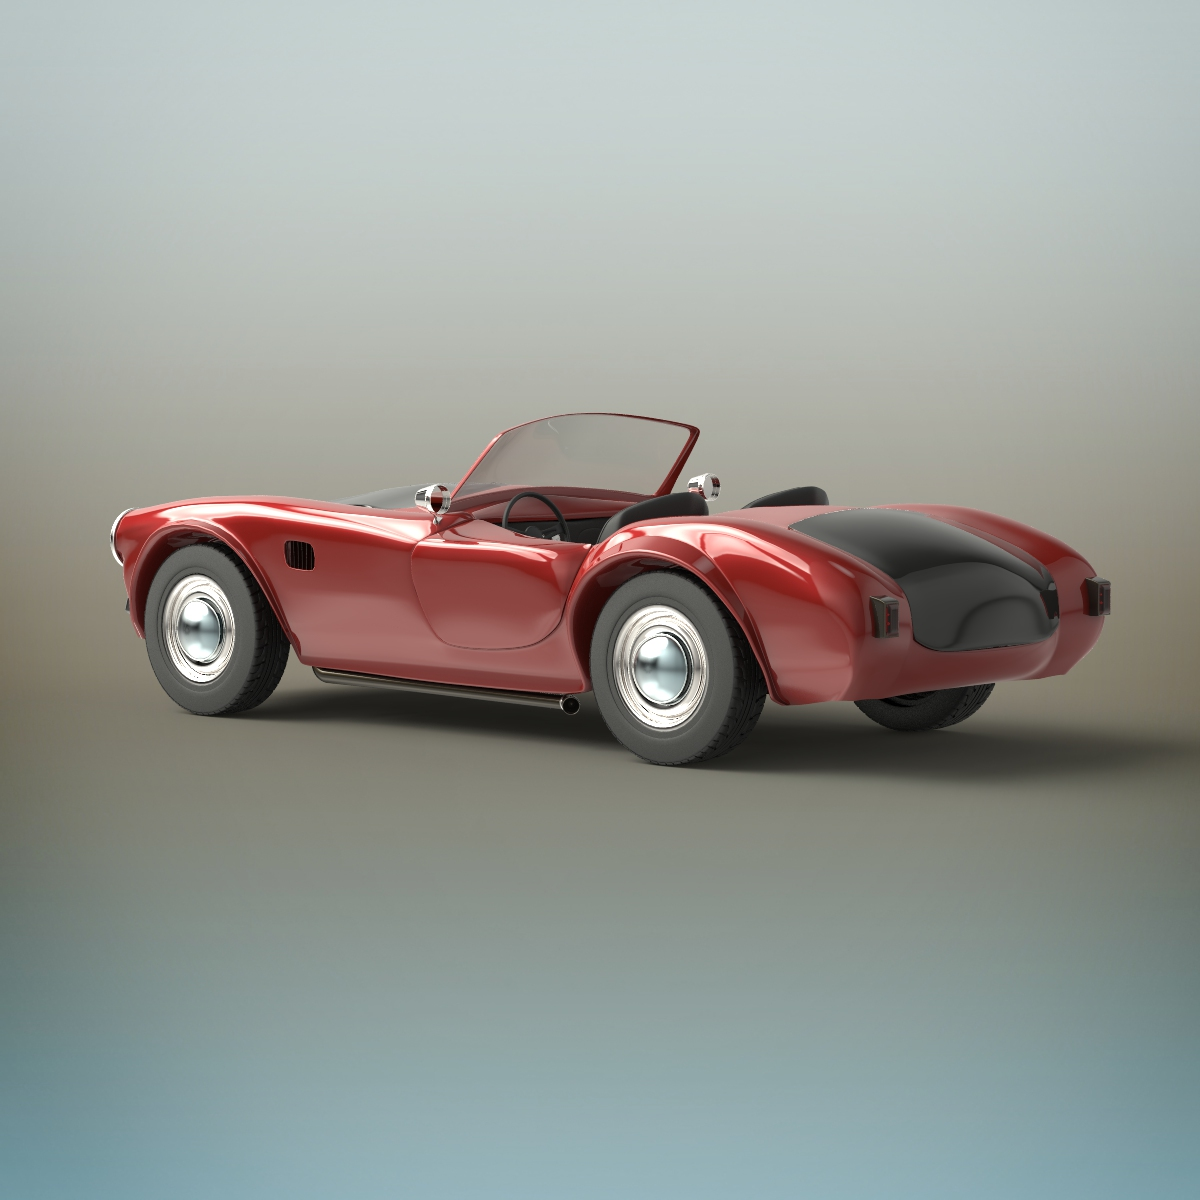 Old sport car by deepocean3d | 3DOcean